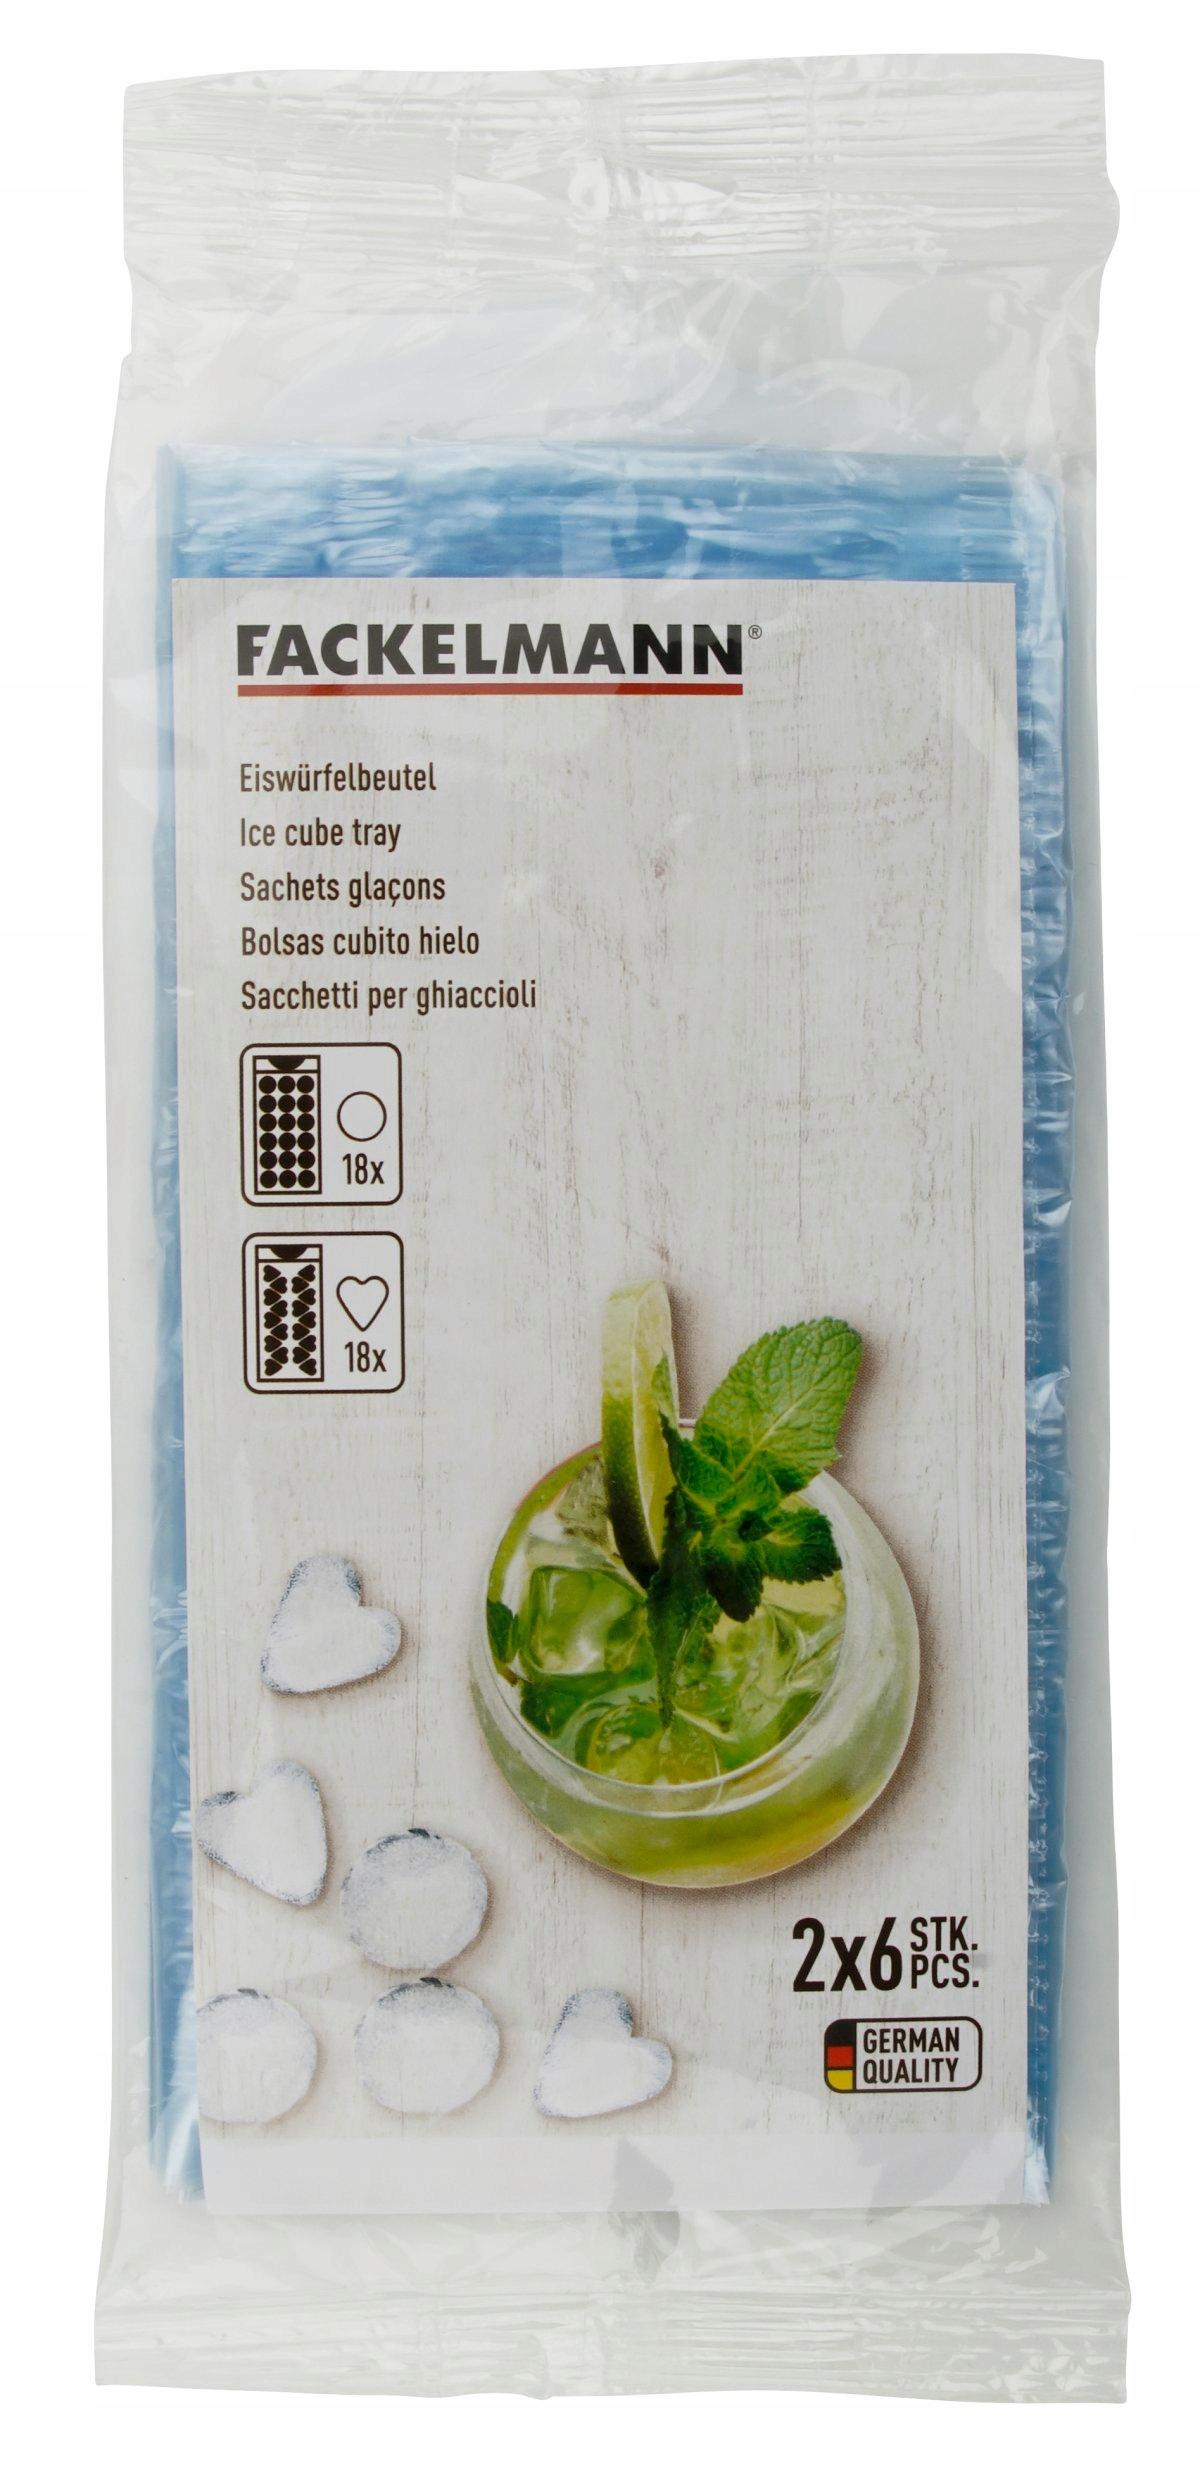 Fackelmann FM 12 Кубик льда